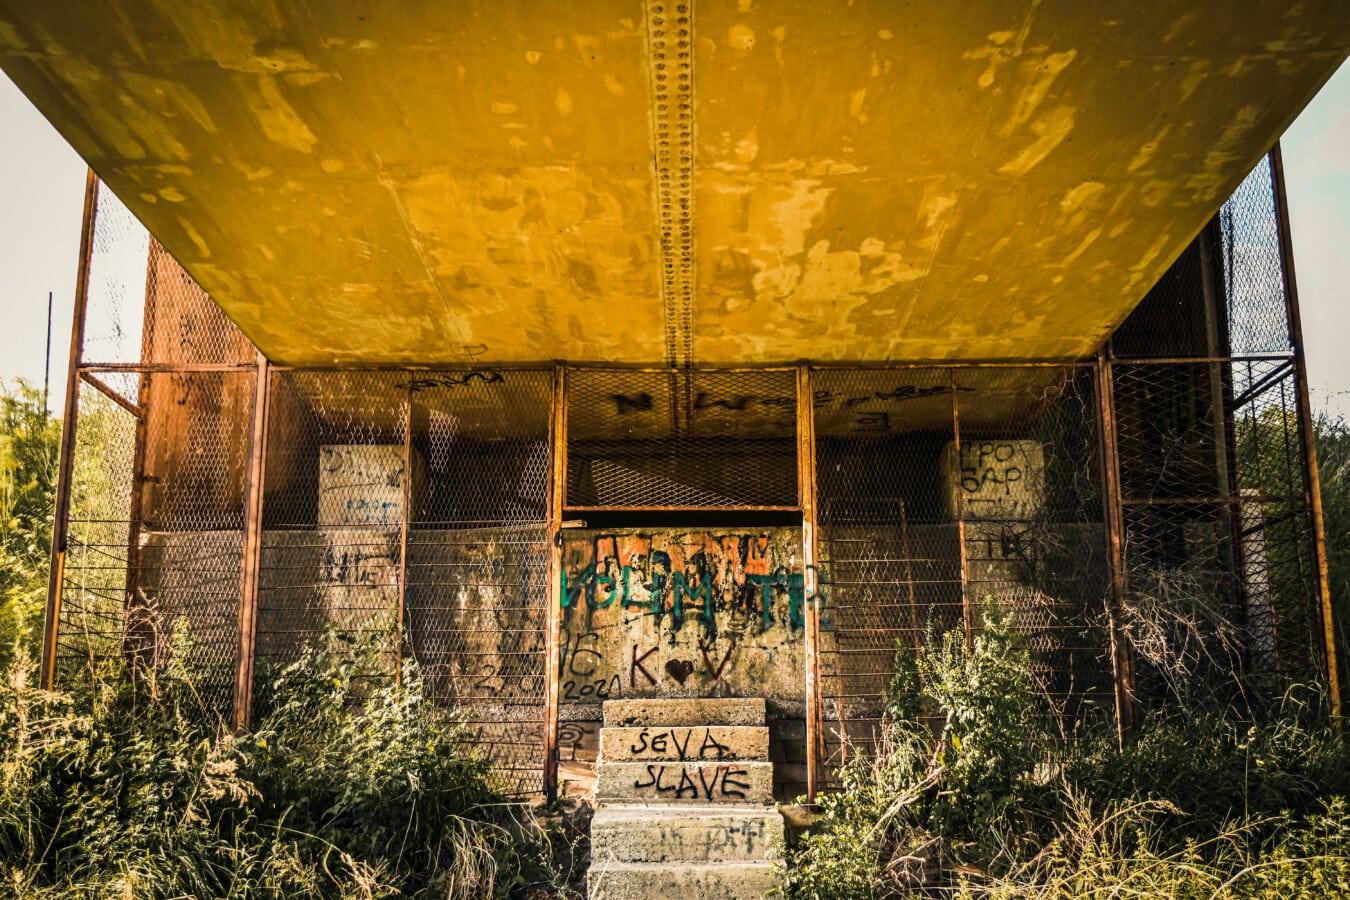 en dessous, pont, vieux, remise en conformité, carie, béton, Graffiti, vandalisme, abandonné, architecture